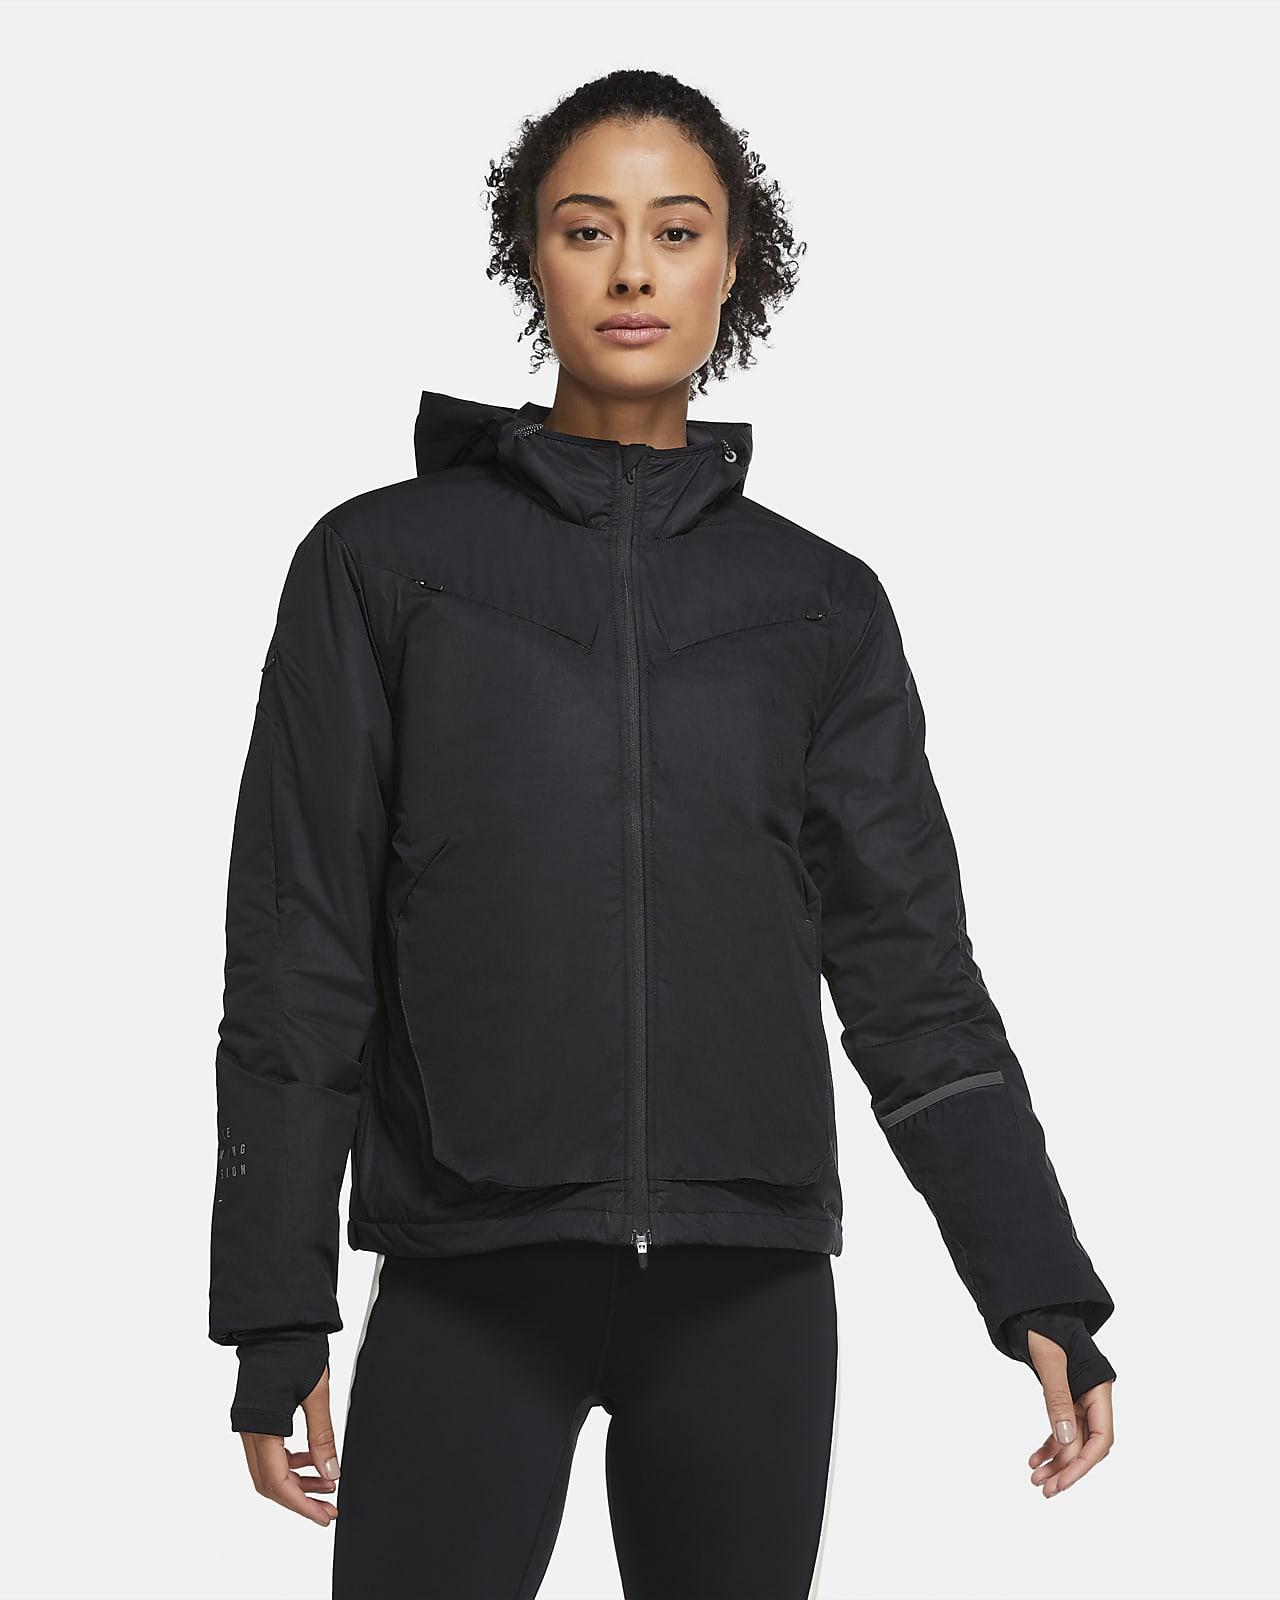 Casaco de running com ventilação dinâmica Nike Run Division para mulher